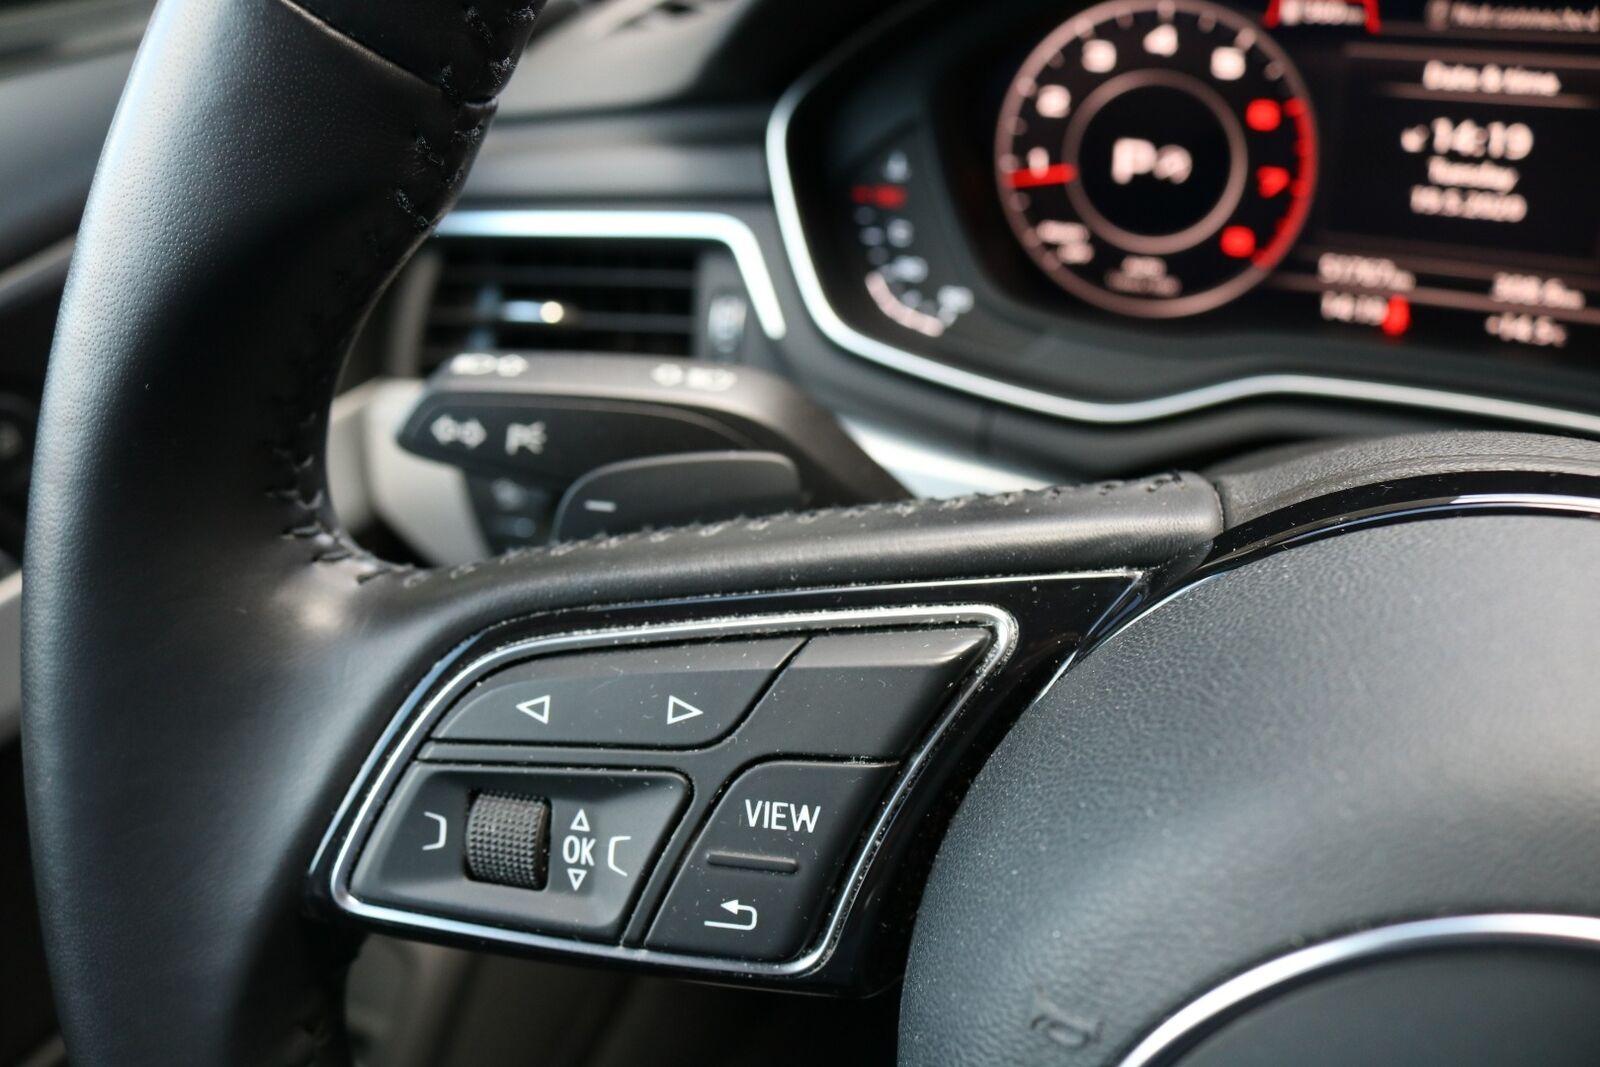 Audi A4 TFSi 190 Sport S-tr.